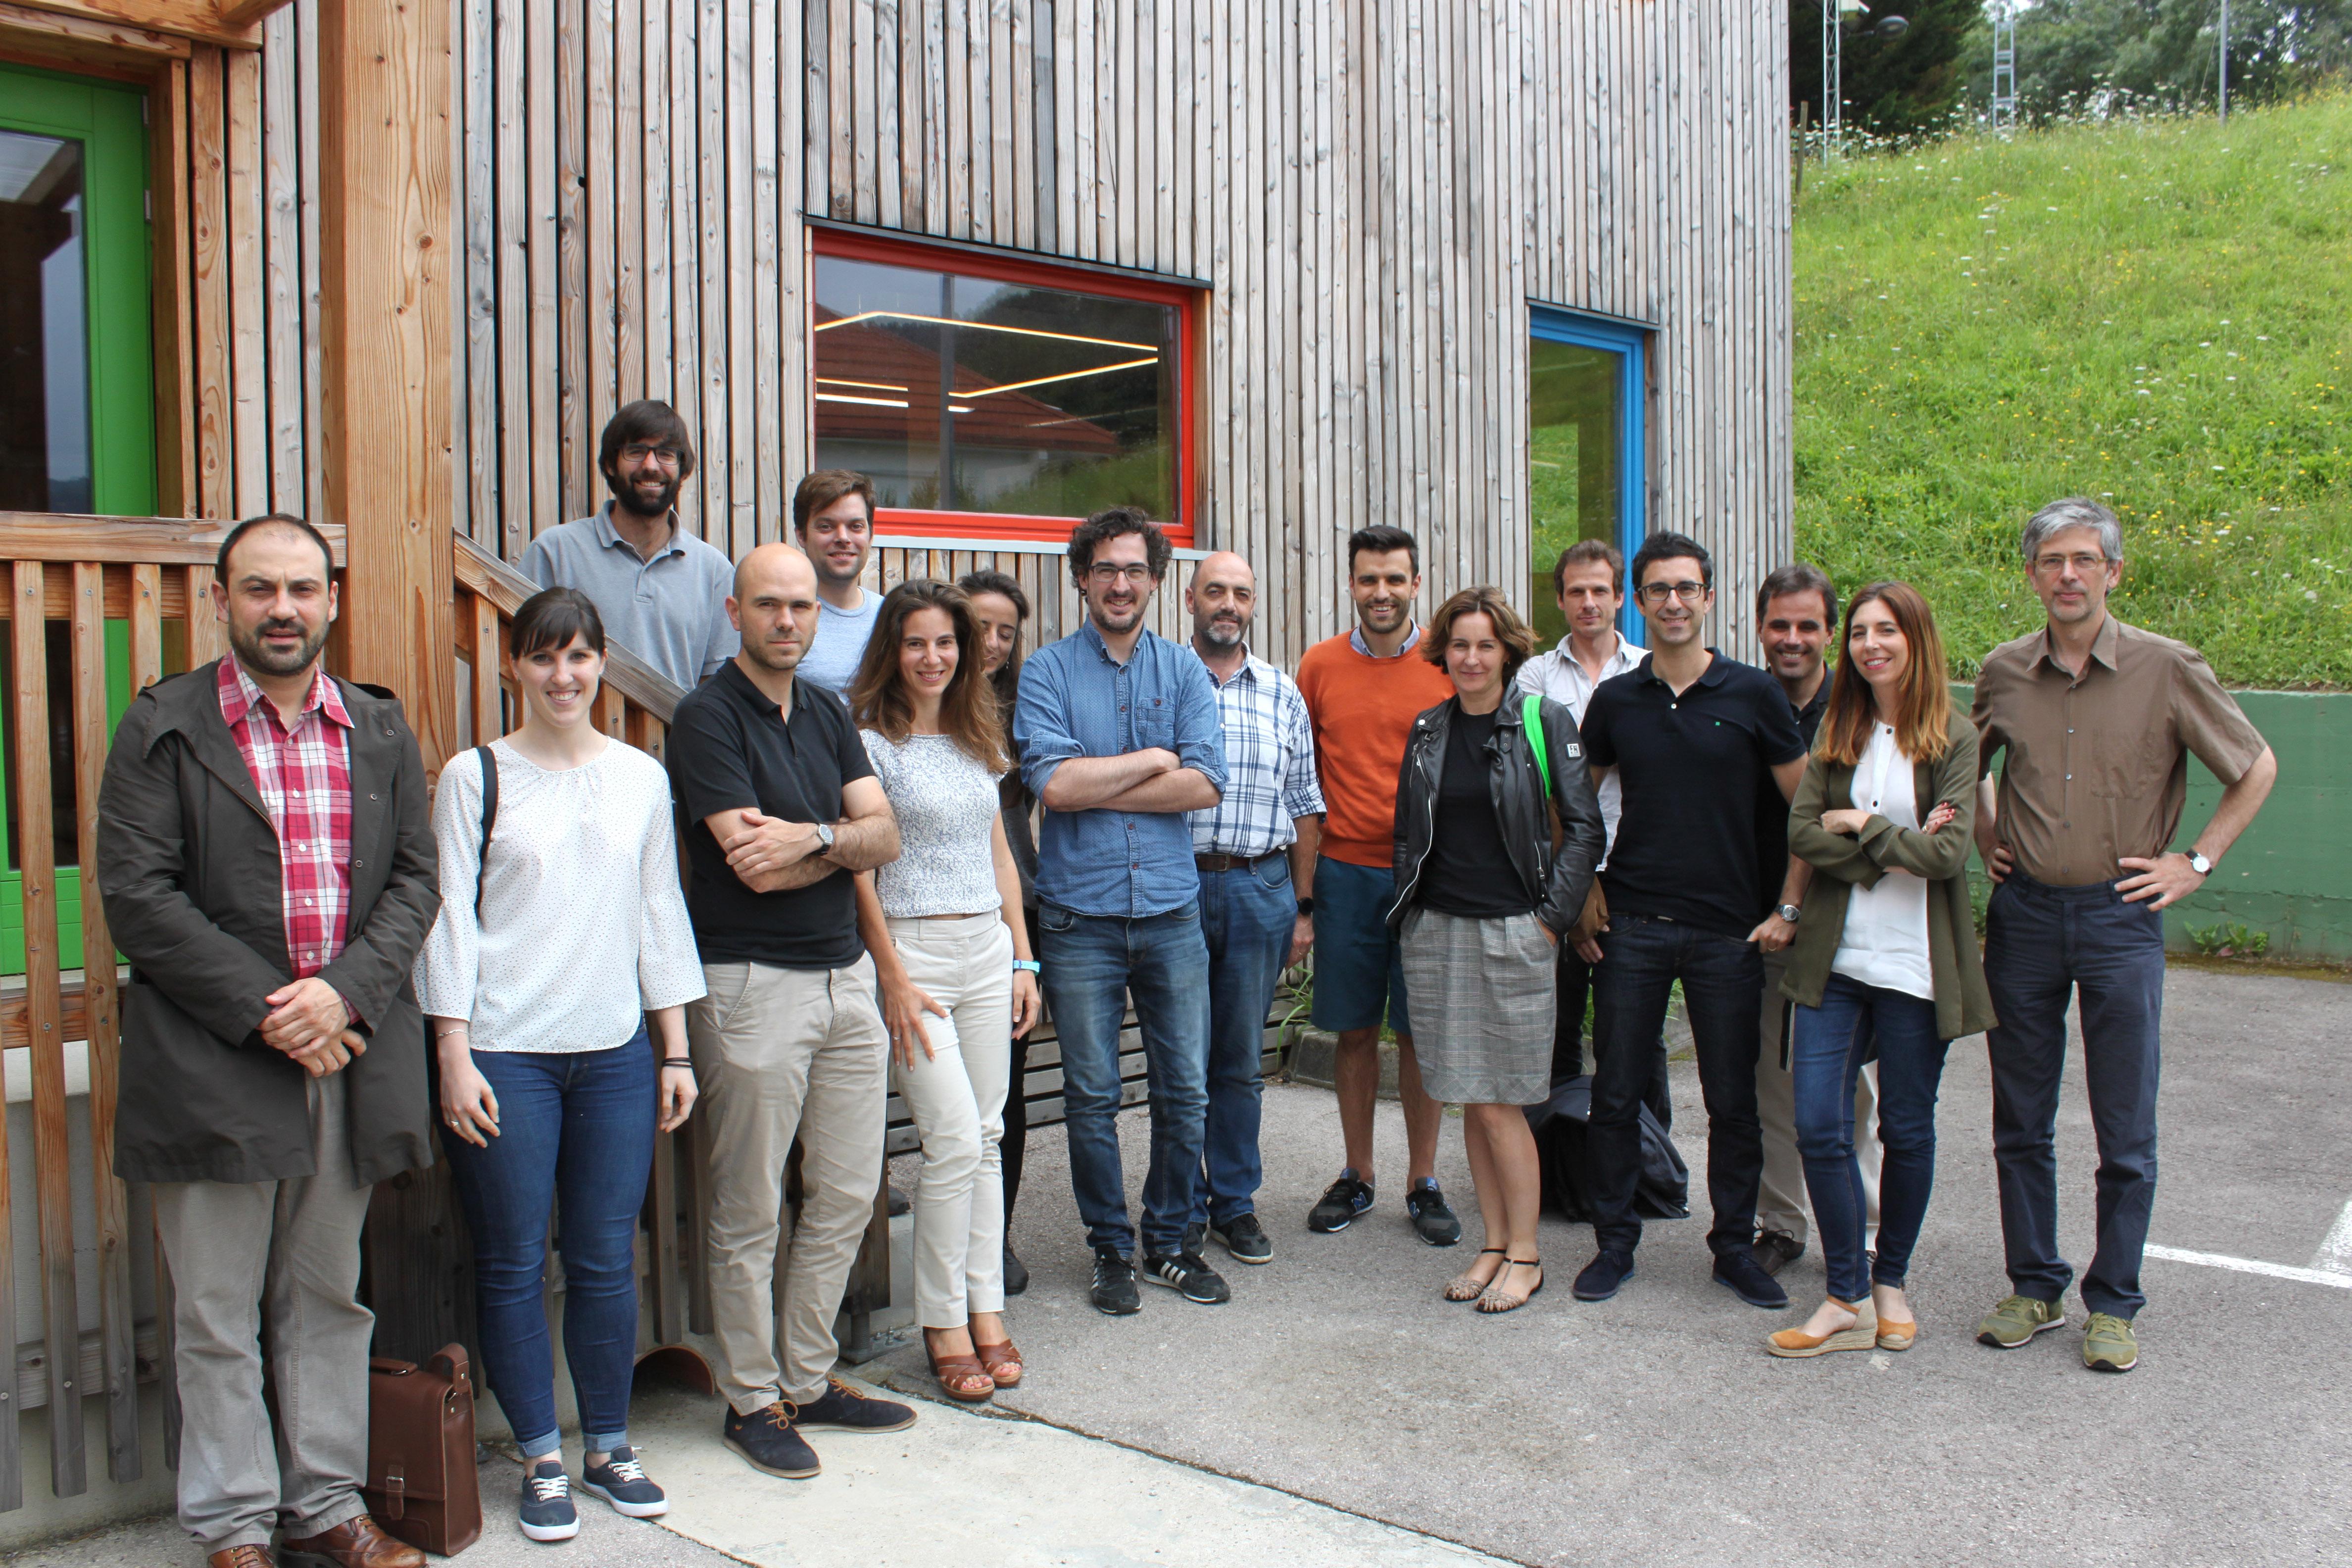 foto noticia: Finaliza el curso Passivhaus Designer organizado por Energiehaus con la colaboración de Kursaal Green